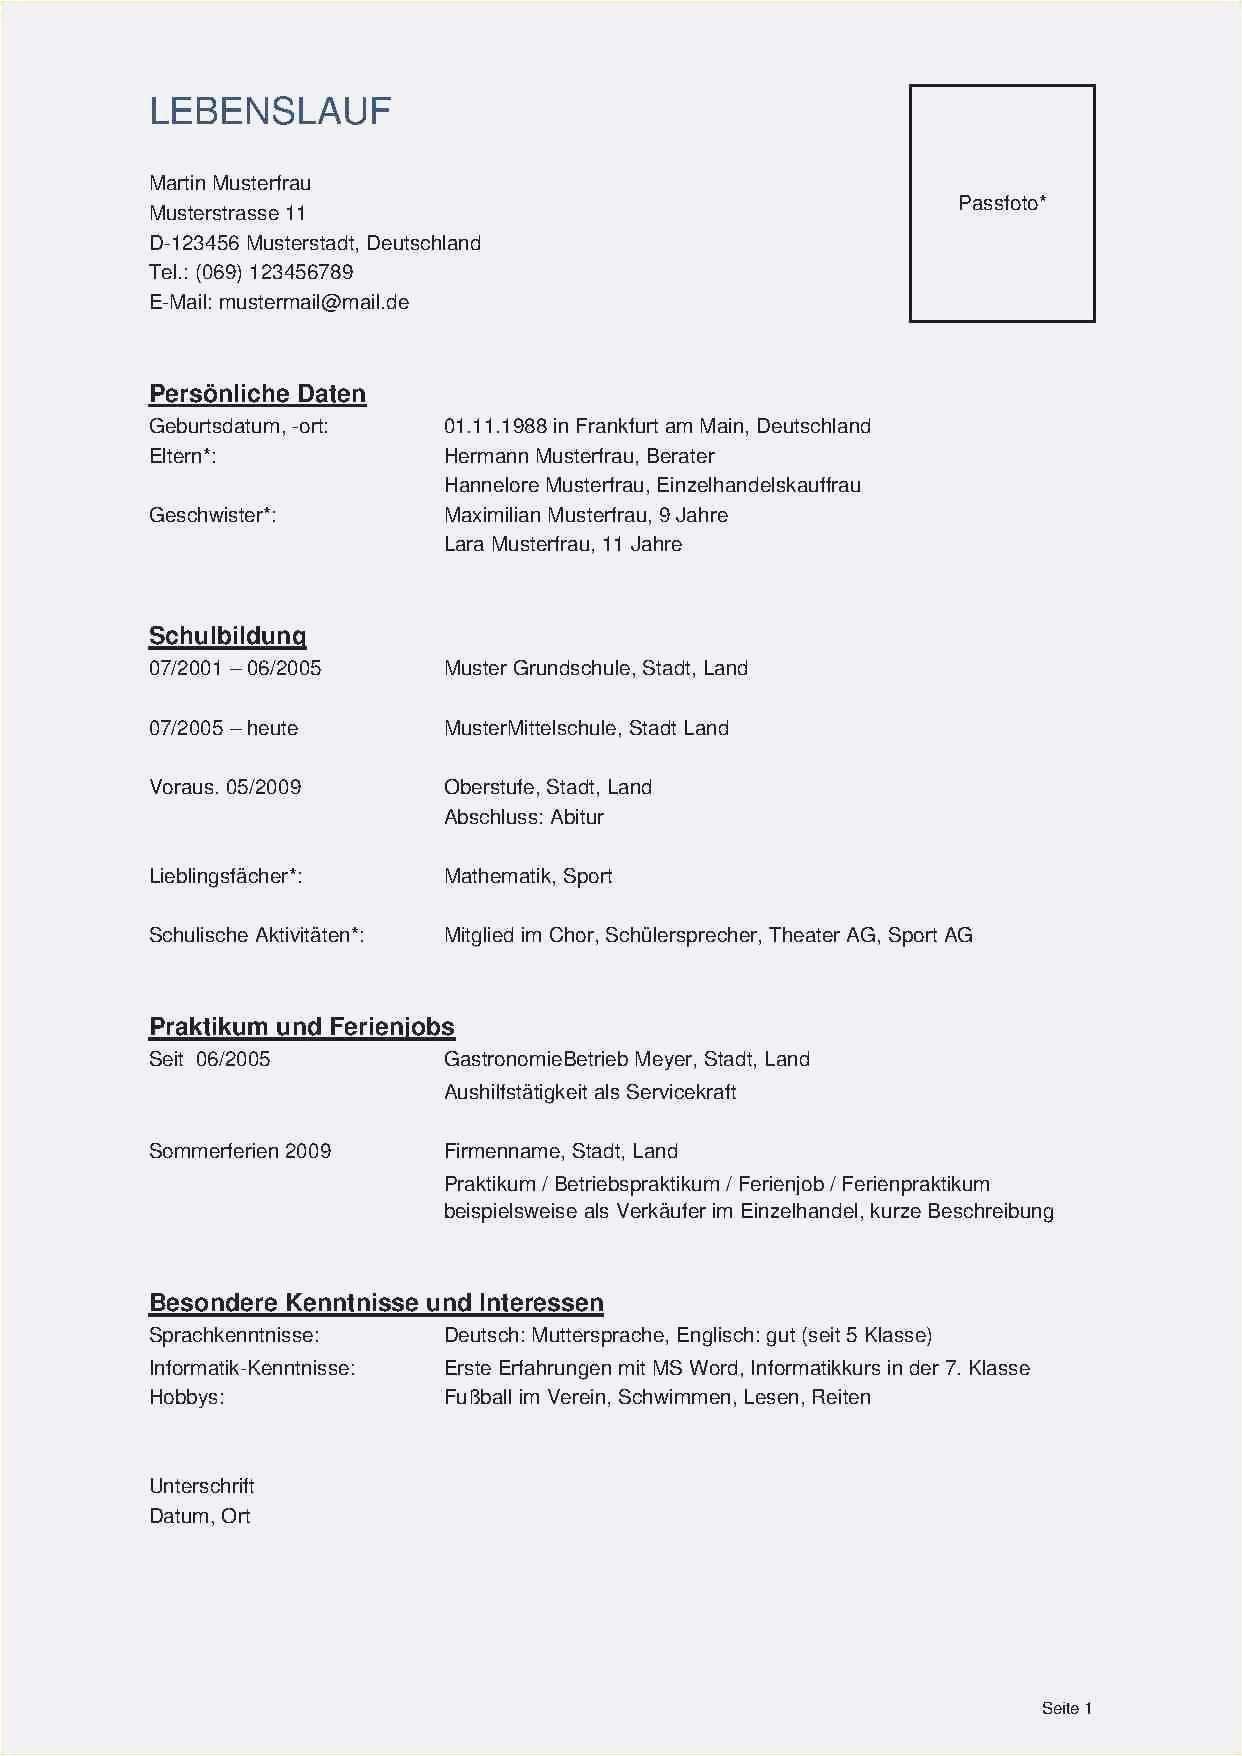 Einzigartig Lebenslauf Ohne Bild Briefprobe Briefformat Briefvorlage Lebenslauf Lebenslauf Muster Vorlagen Lebenslauf